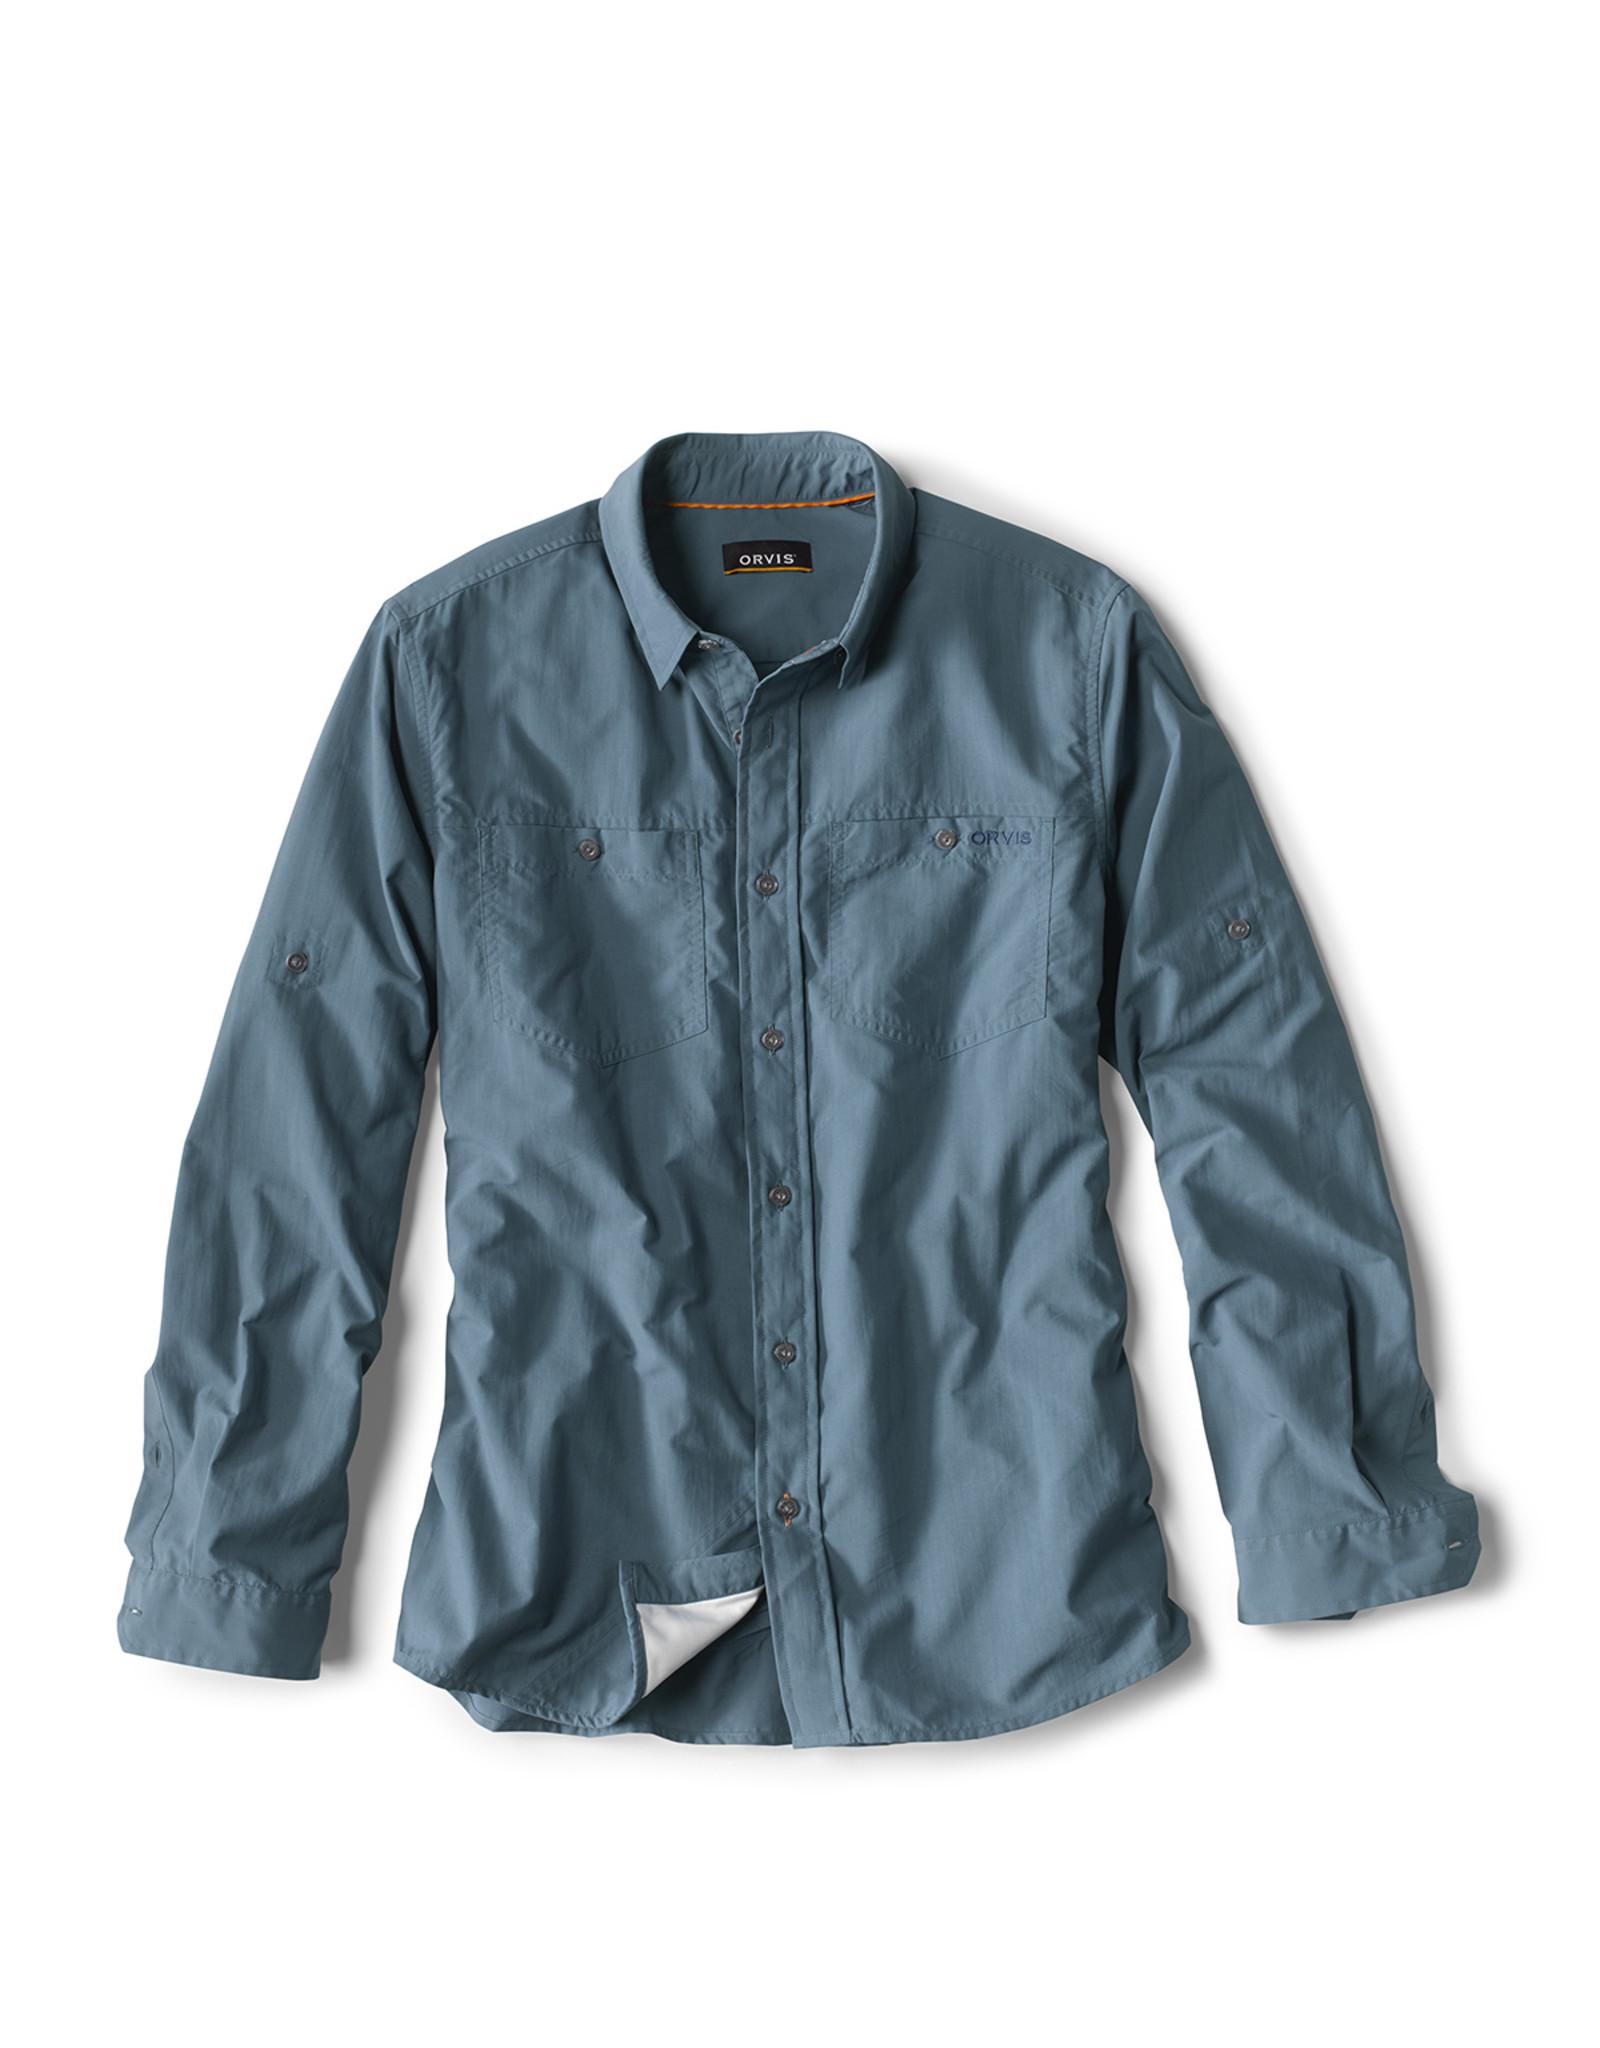 ORVIS Escape Long-Sleeve Shirt - Bay Blue